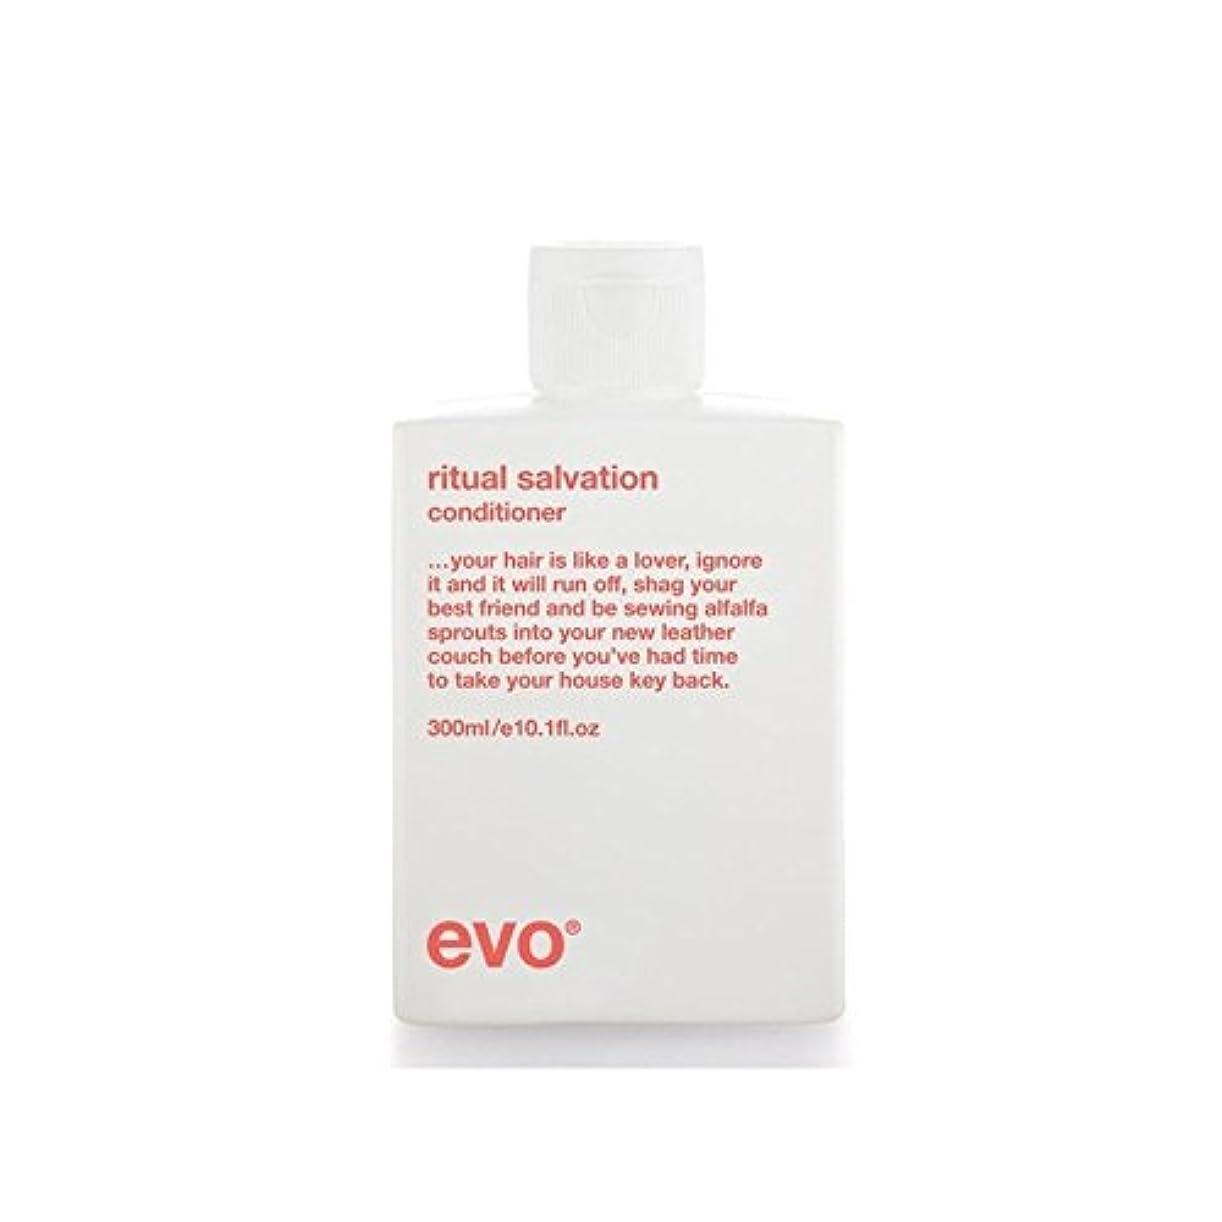 全能移動偽善Evo Ritual Salvation Conditioner (300ml) - 儀式救いコンディショナー(300ミリリットル) [並行輸入品]